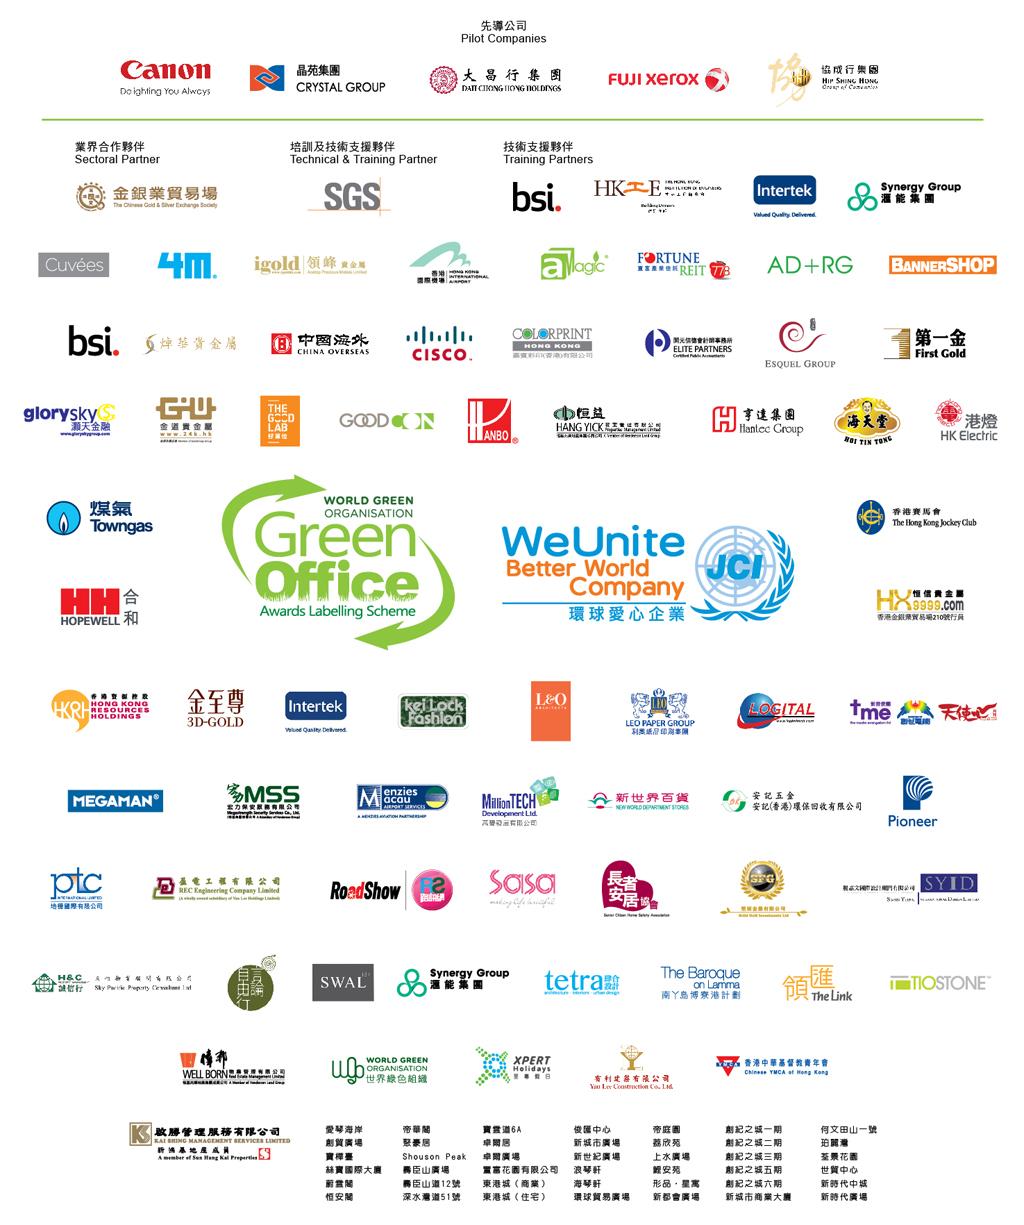 2013年度得獎名單 - 綠色辦公室獎勵計劃 - 世界綠色組織 (WGO)